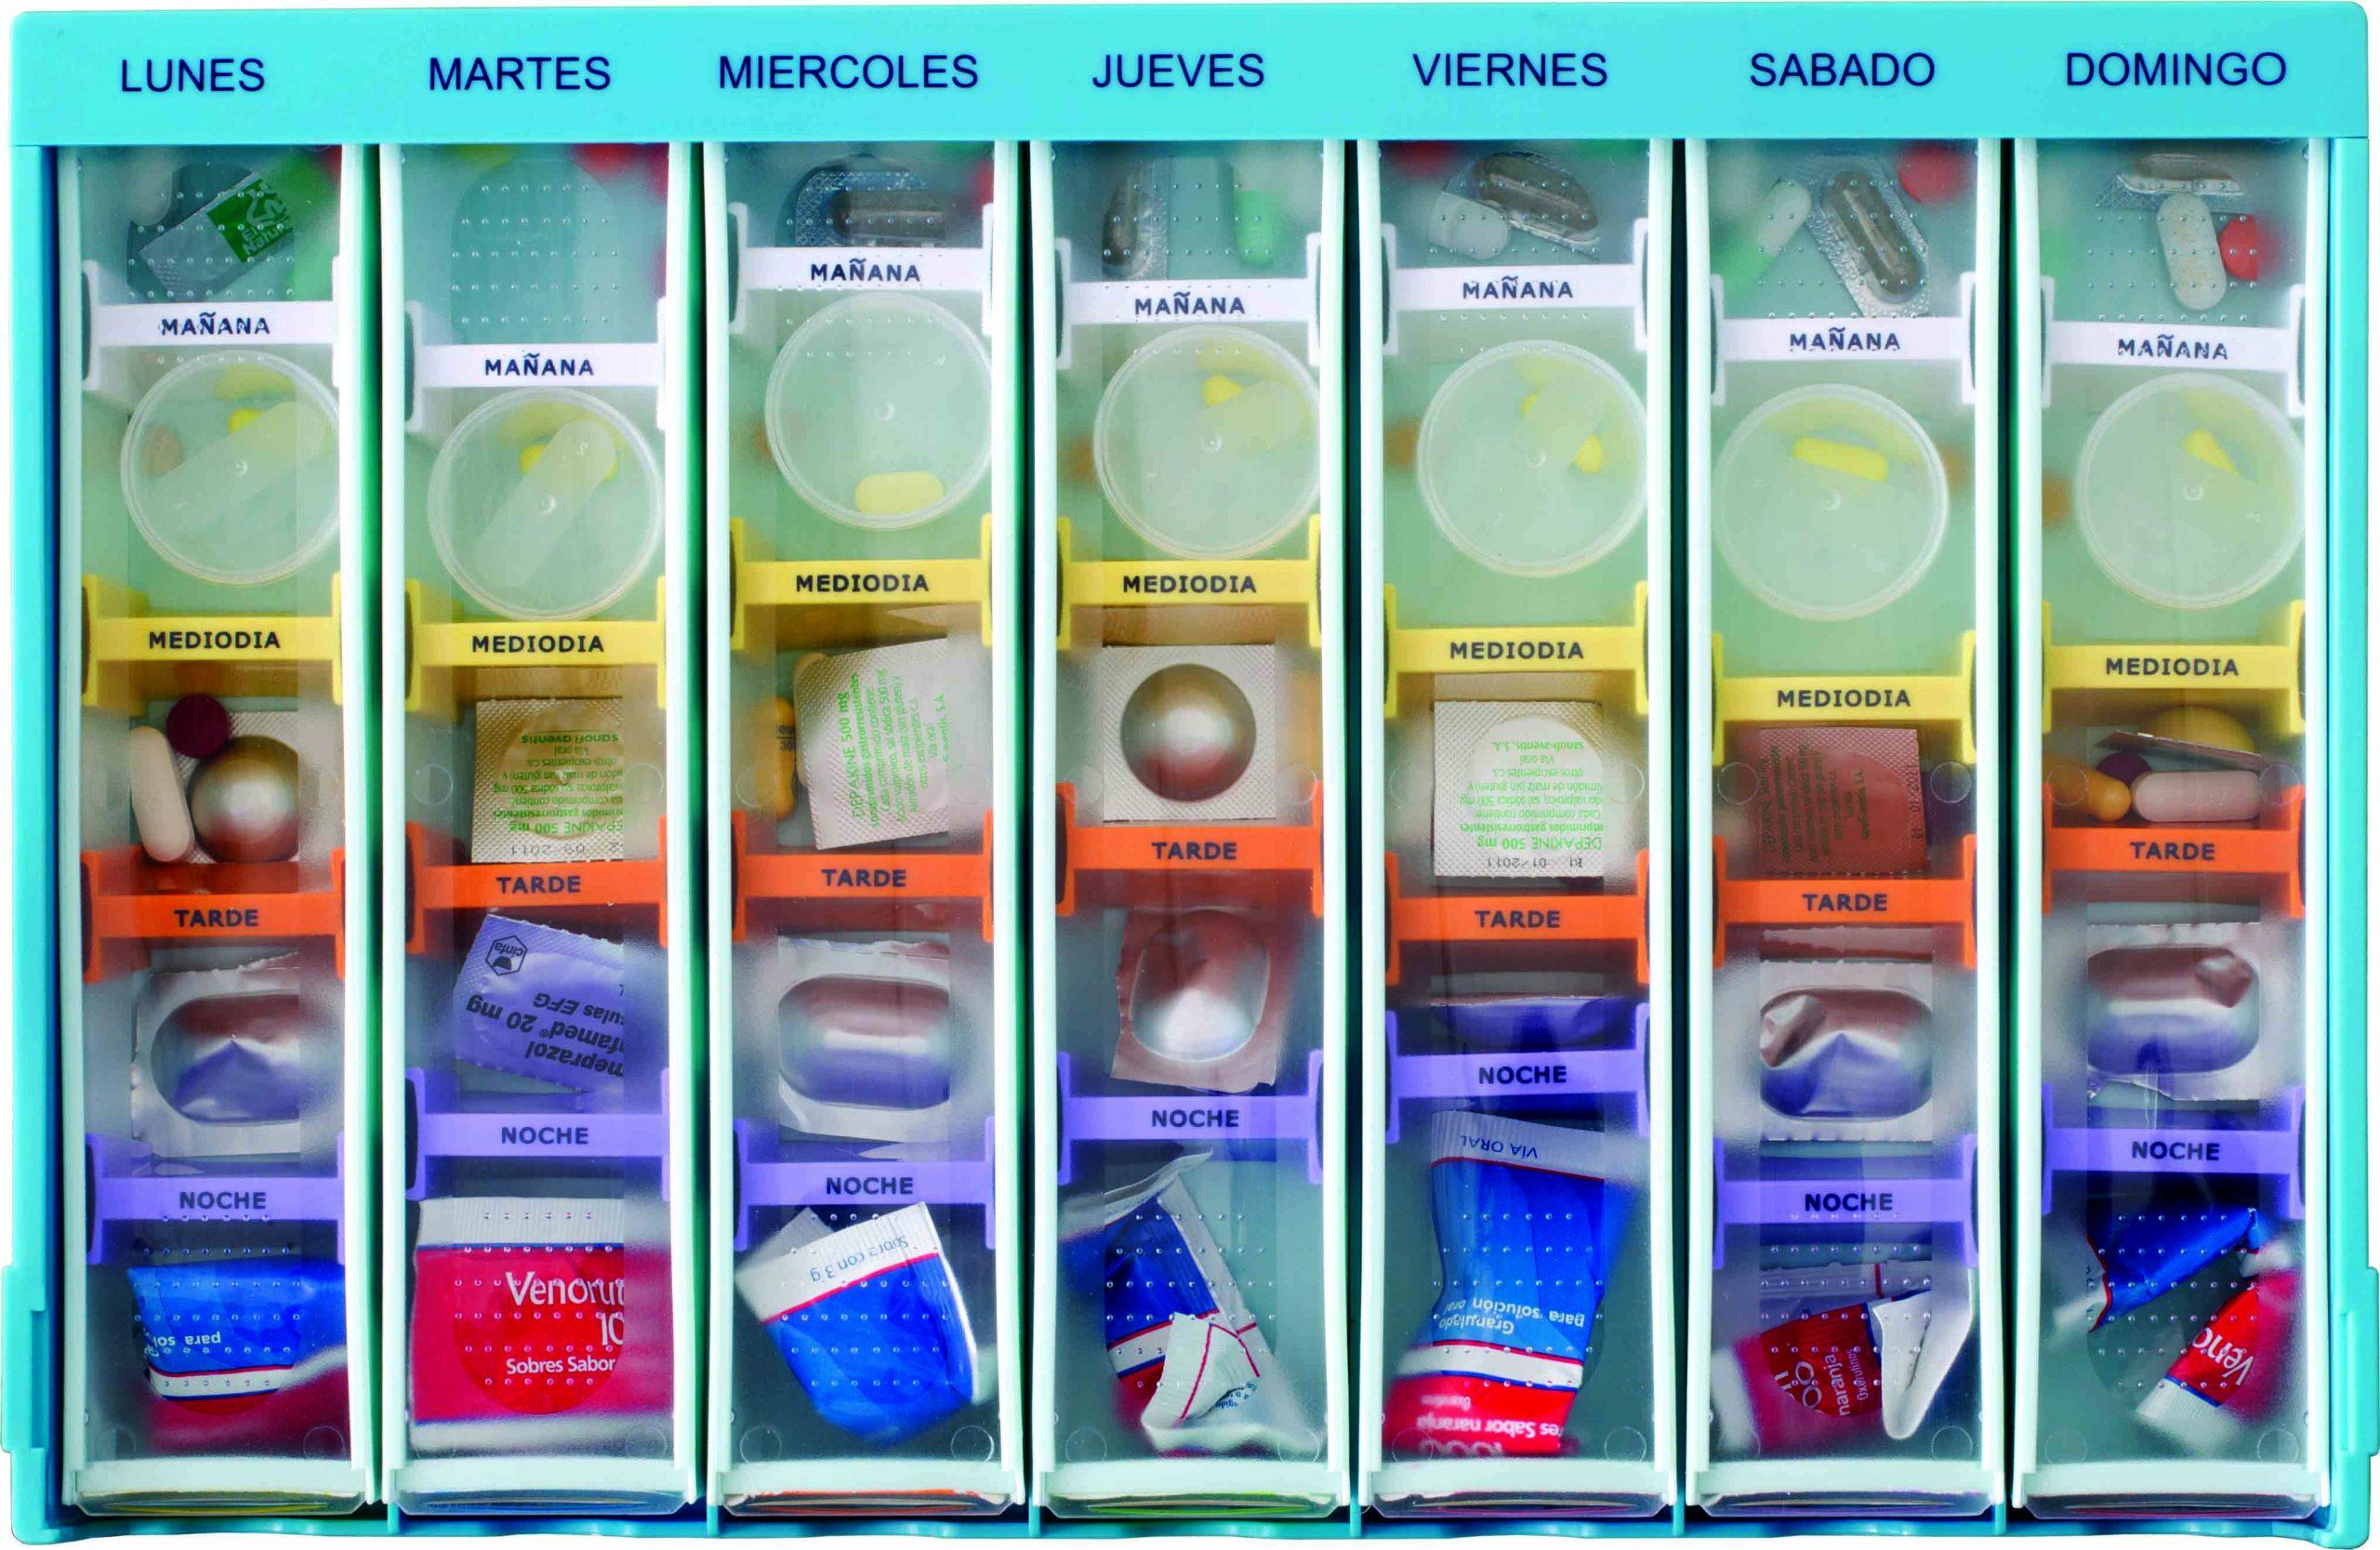 Bandeja semanal serigrafiada vista desde arriba con 7 pastilleros llenos de medicación separada por separadores de colores